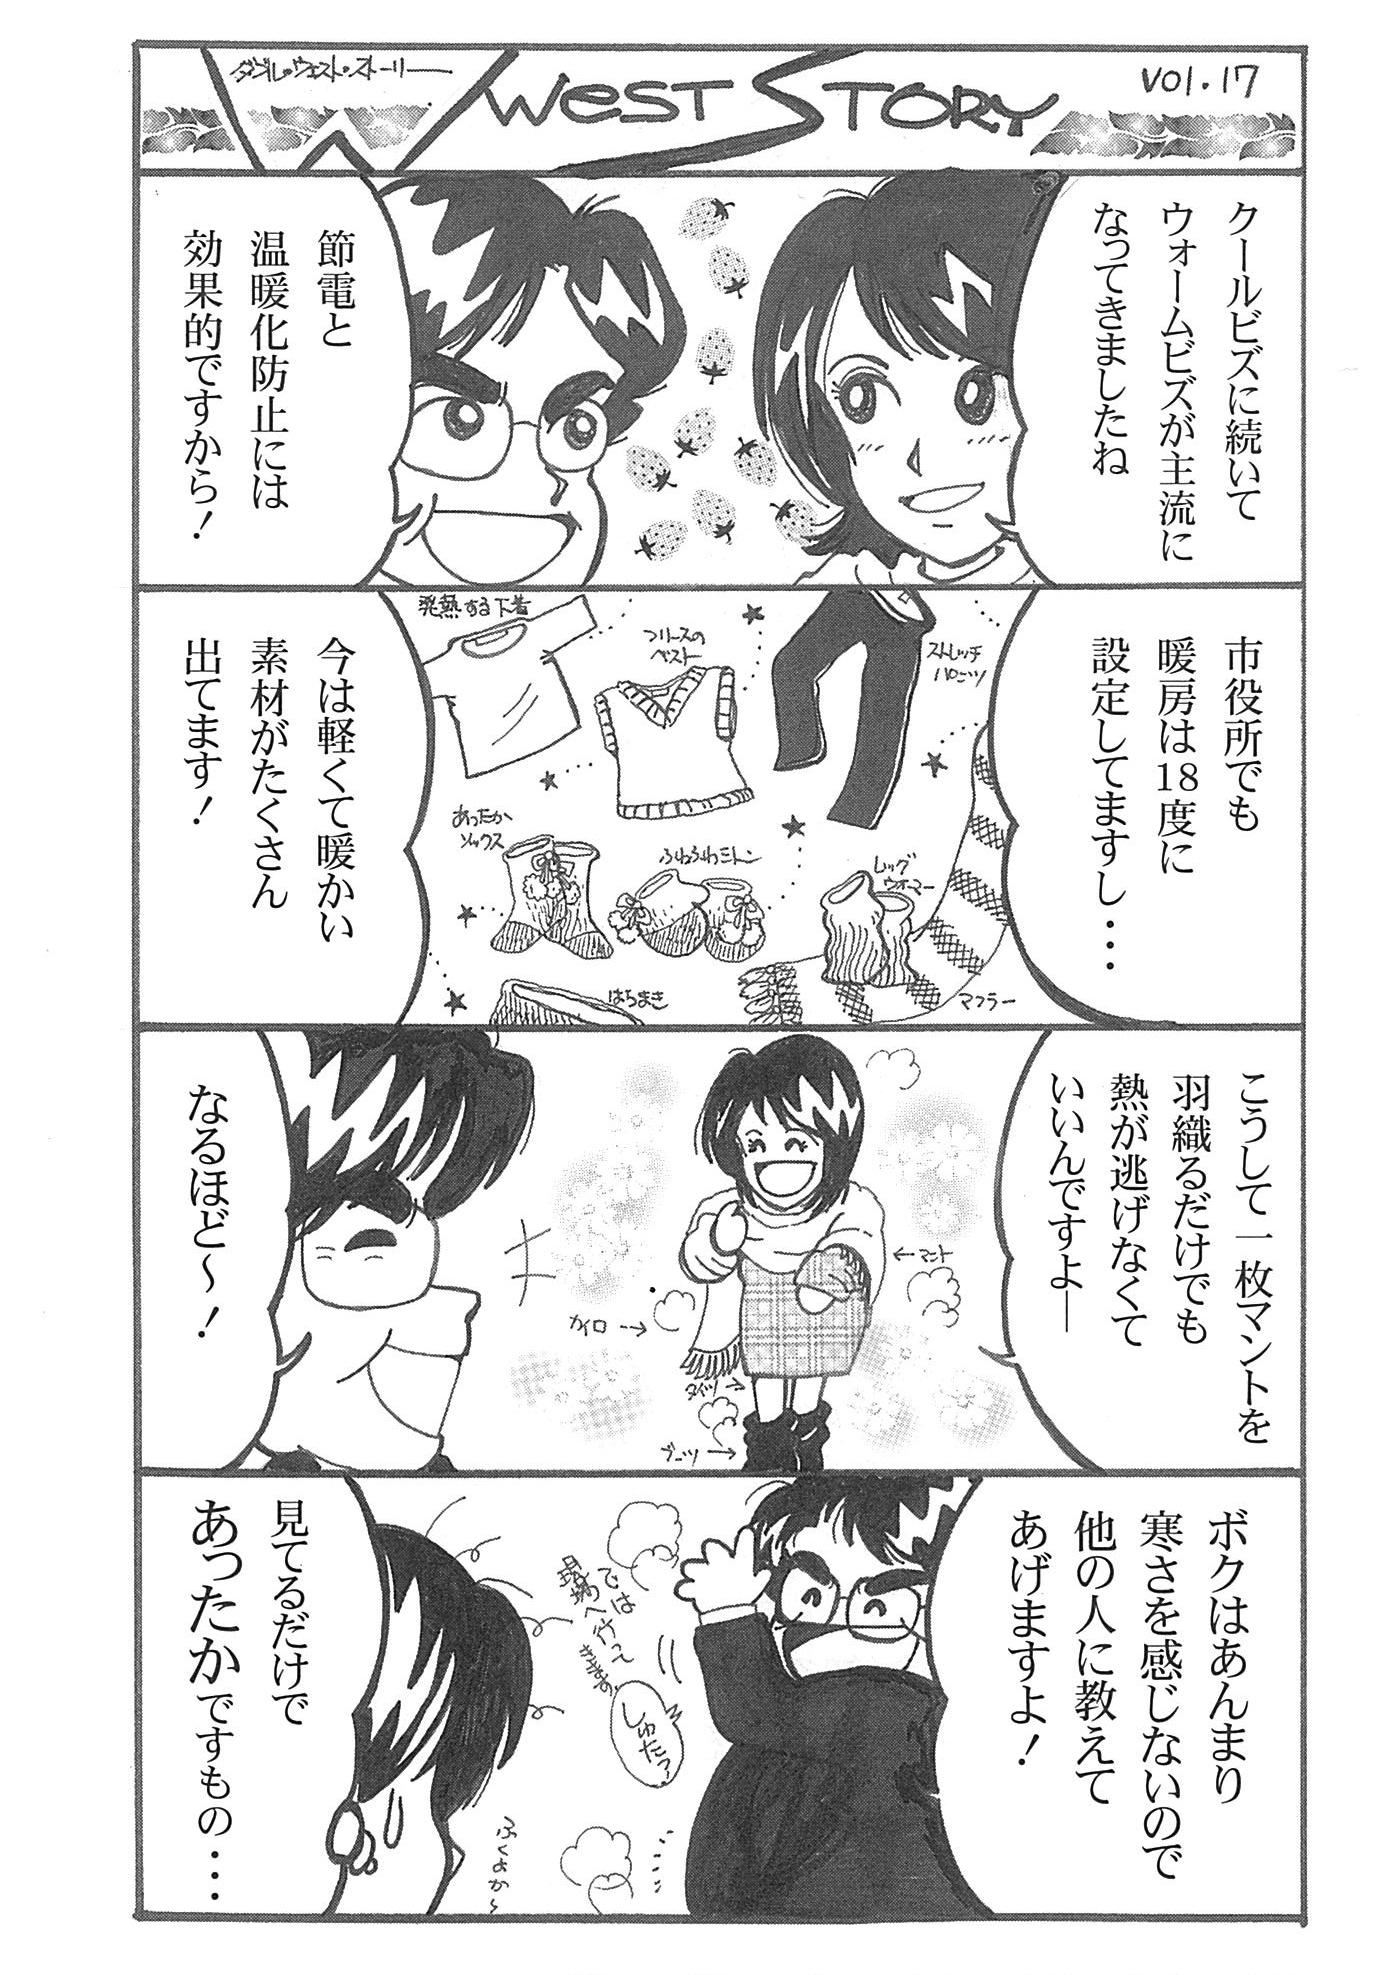 jitsuroku_vol17.jpg